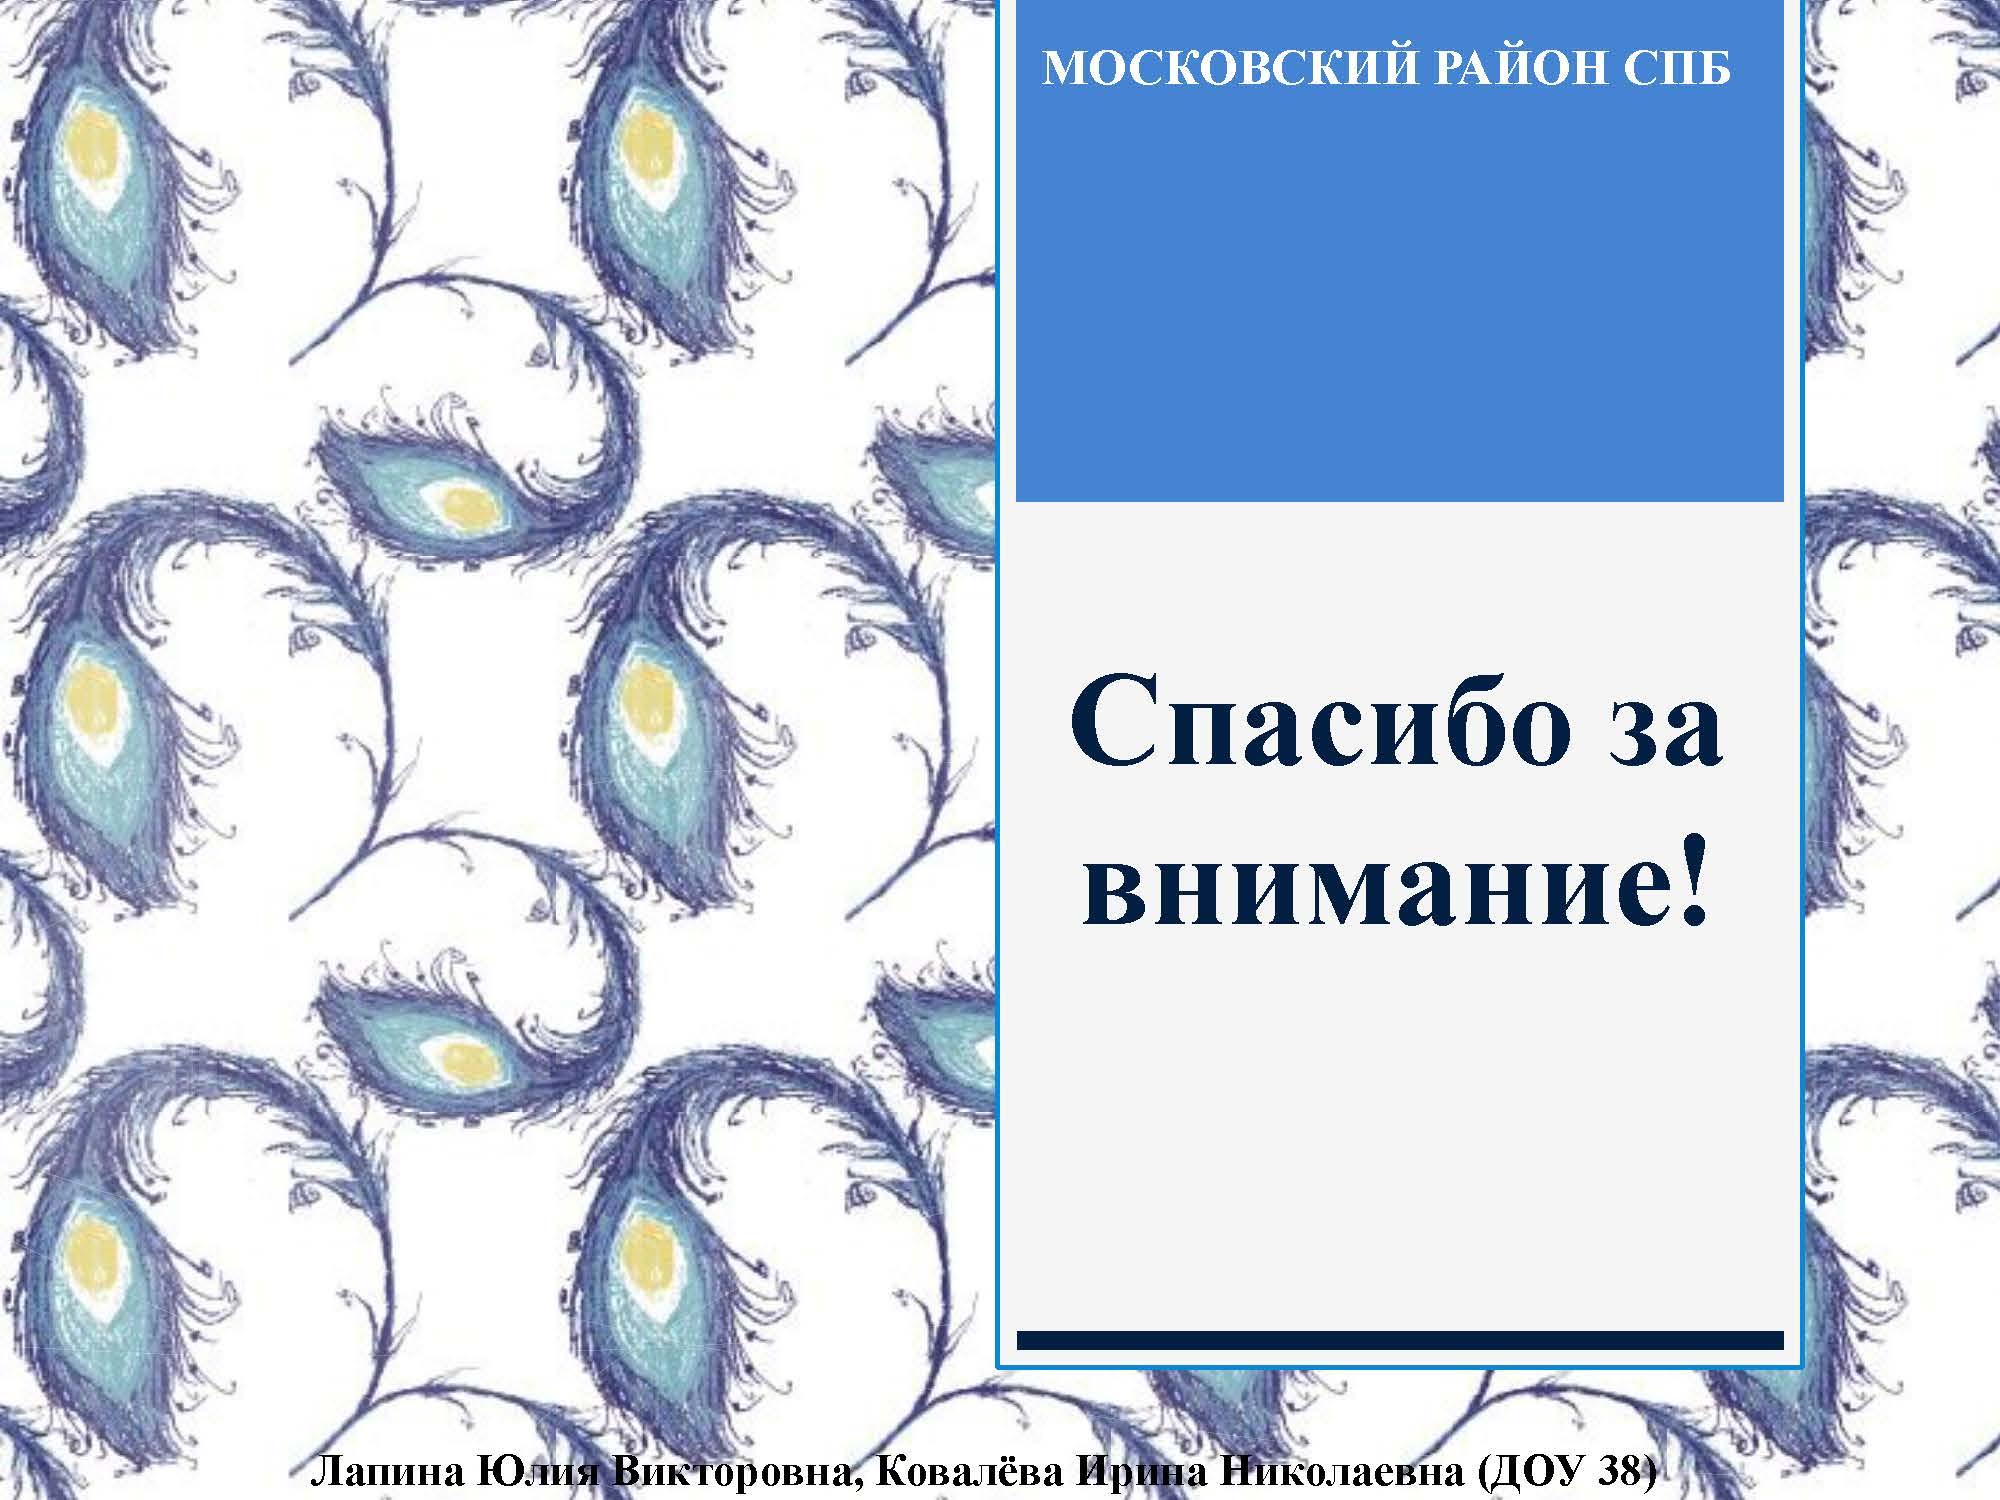 Секция 8. ДОУ 38, Московский район_Страница_33